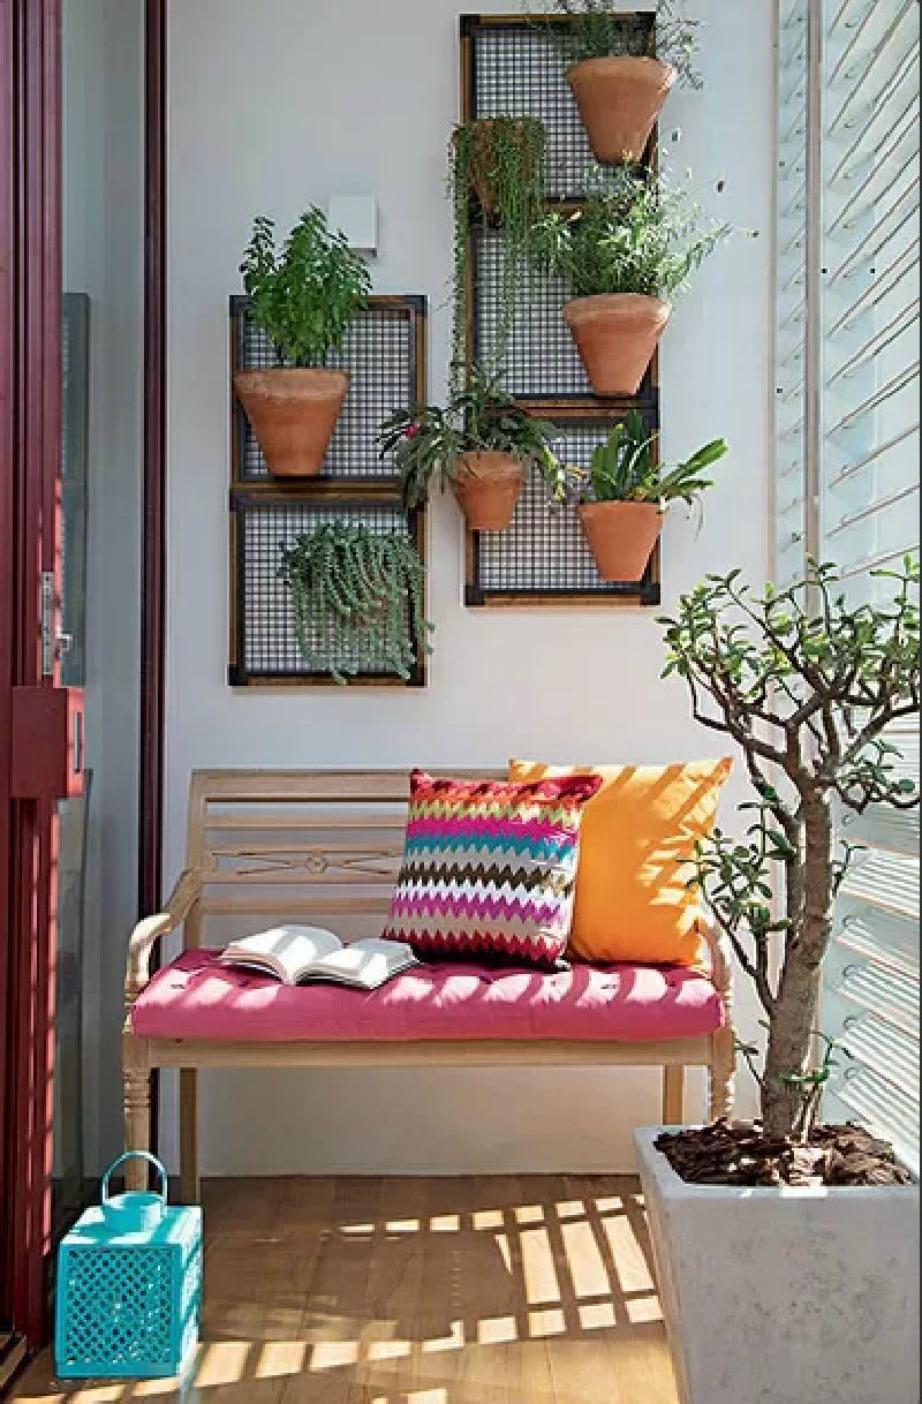 Με τα φυτά στον τοίχο θα κερδίσετε περισσότερο χώρο από τη βεράντα σας.